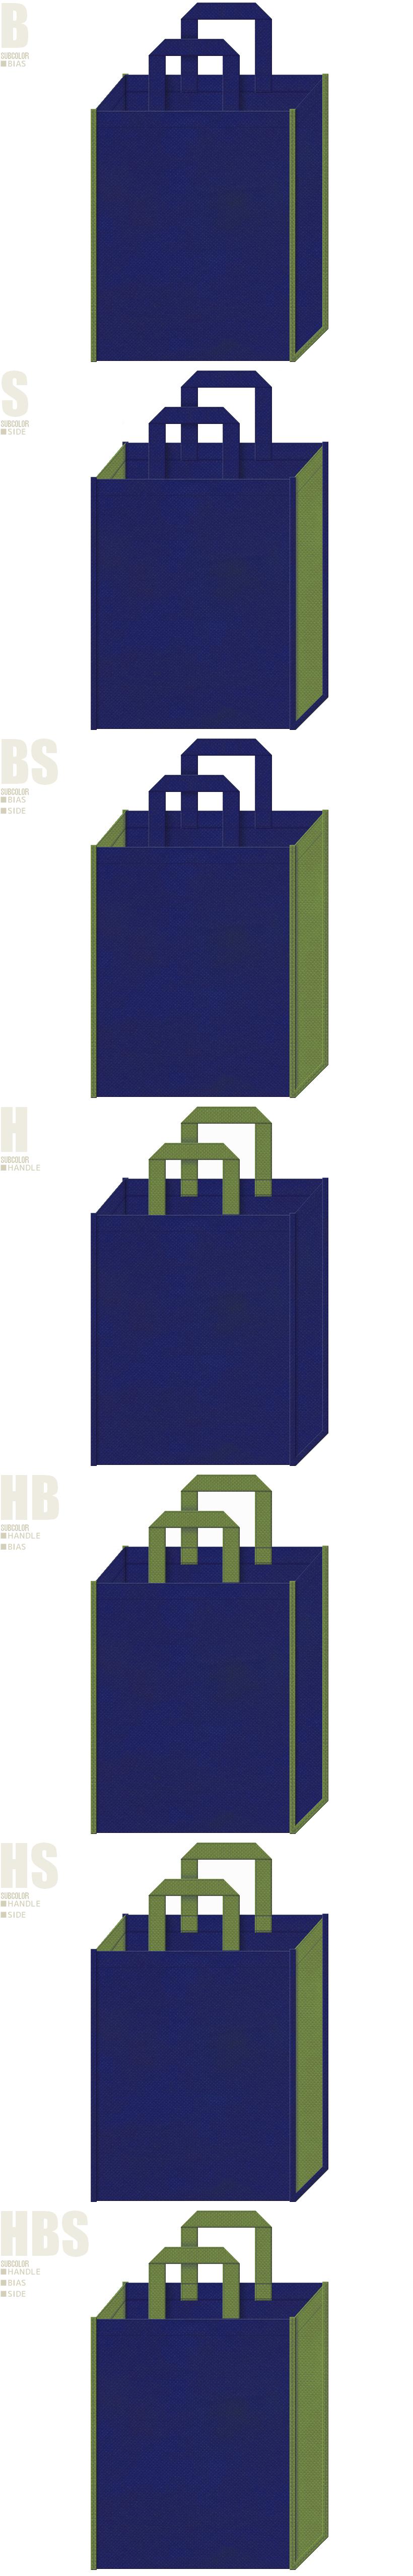 明るい紺色と草色の不織布バッグデザイン:配色7パターン